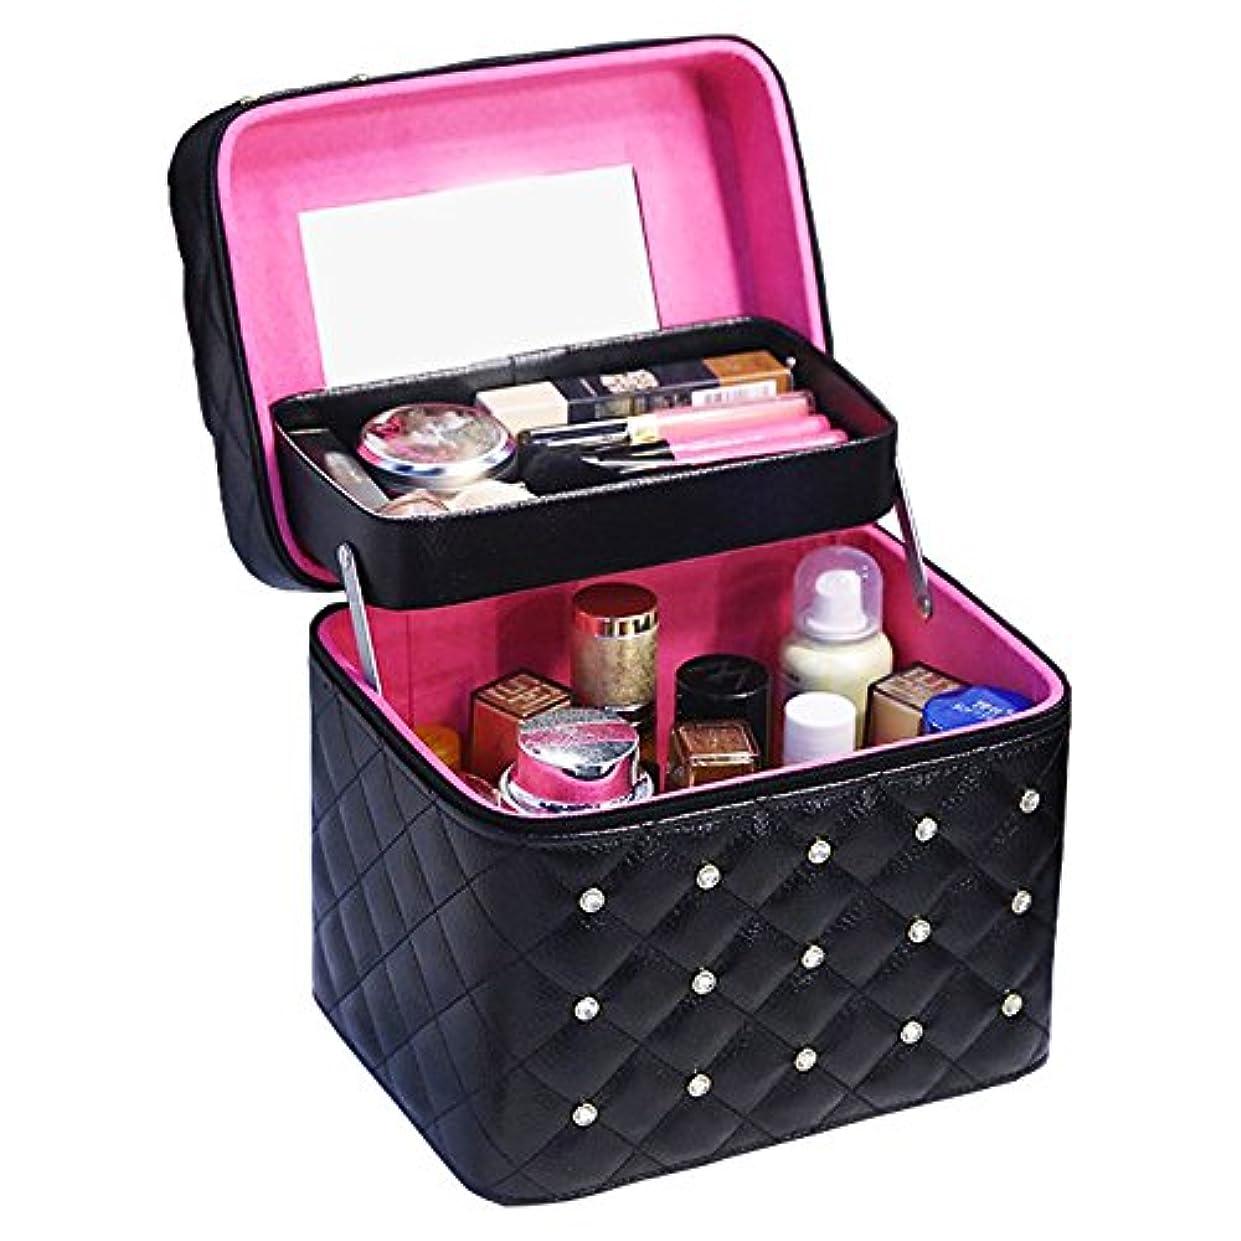 鼻認可寄付するTwinkle goods (ツインクルグッズ) メイクボックス コスメボックス 化粧品 収納 PUレザー お洒落なデザイン メイク道具をすっきり収納 携帯にも 2段タイプ